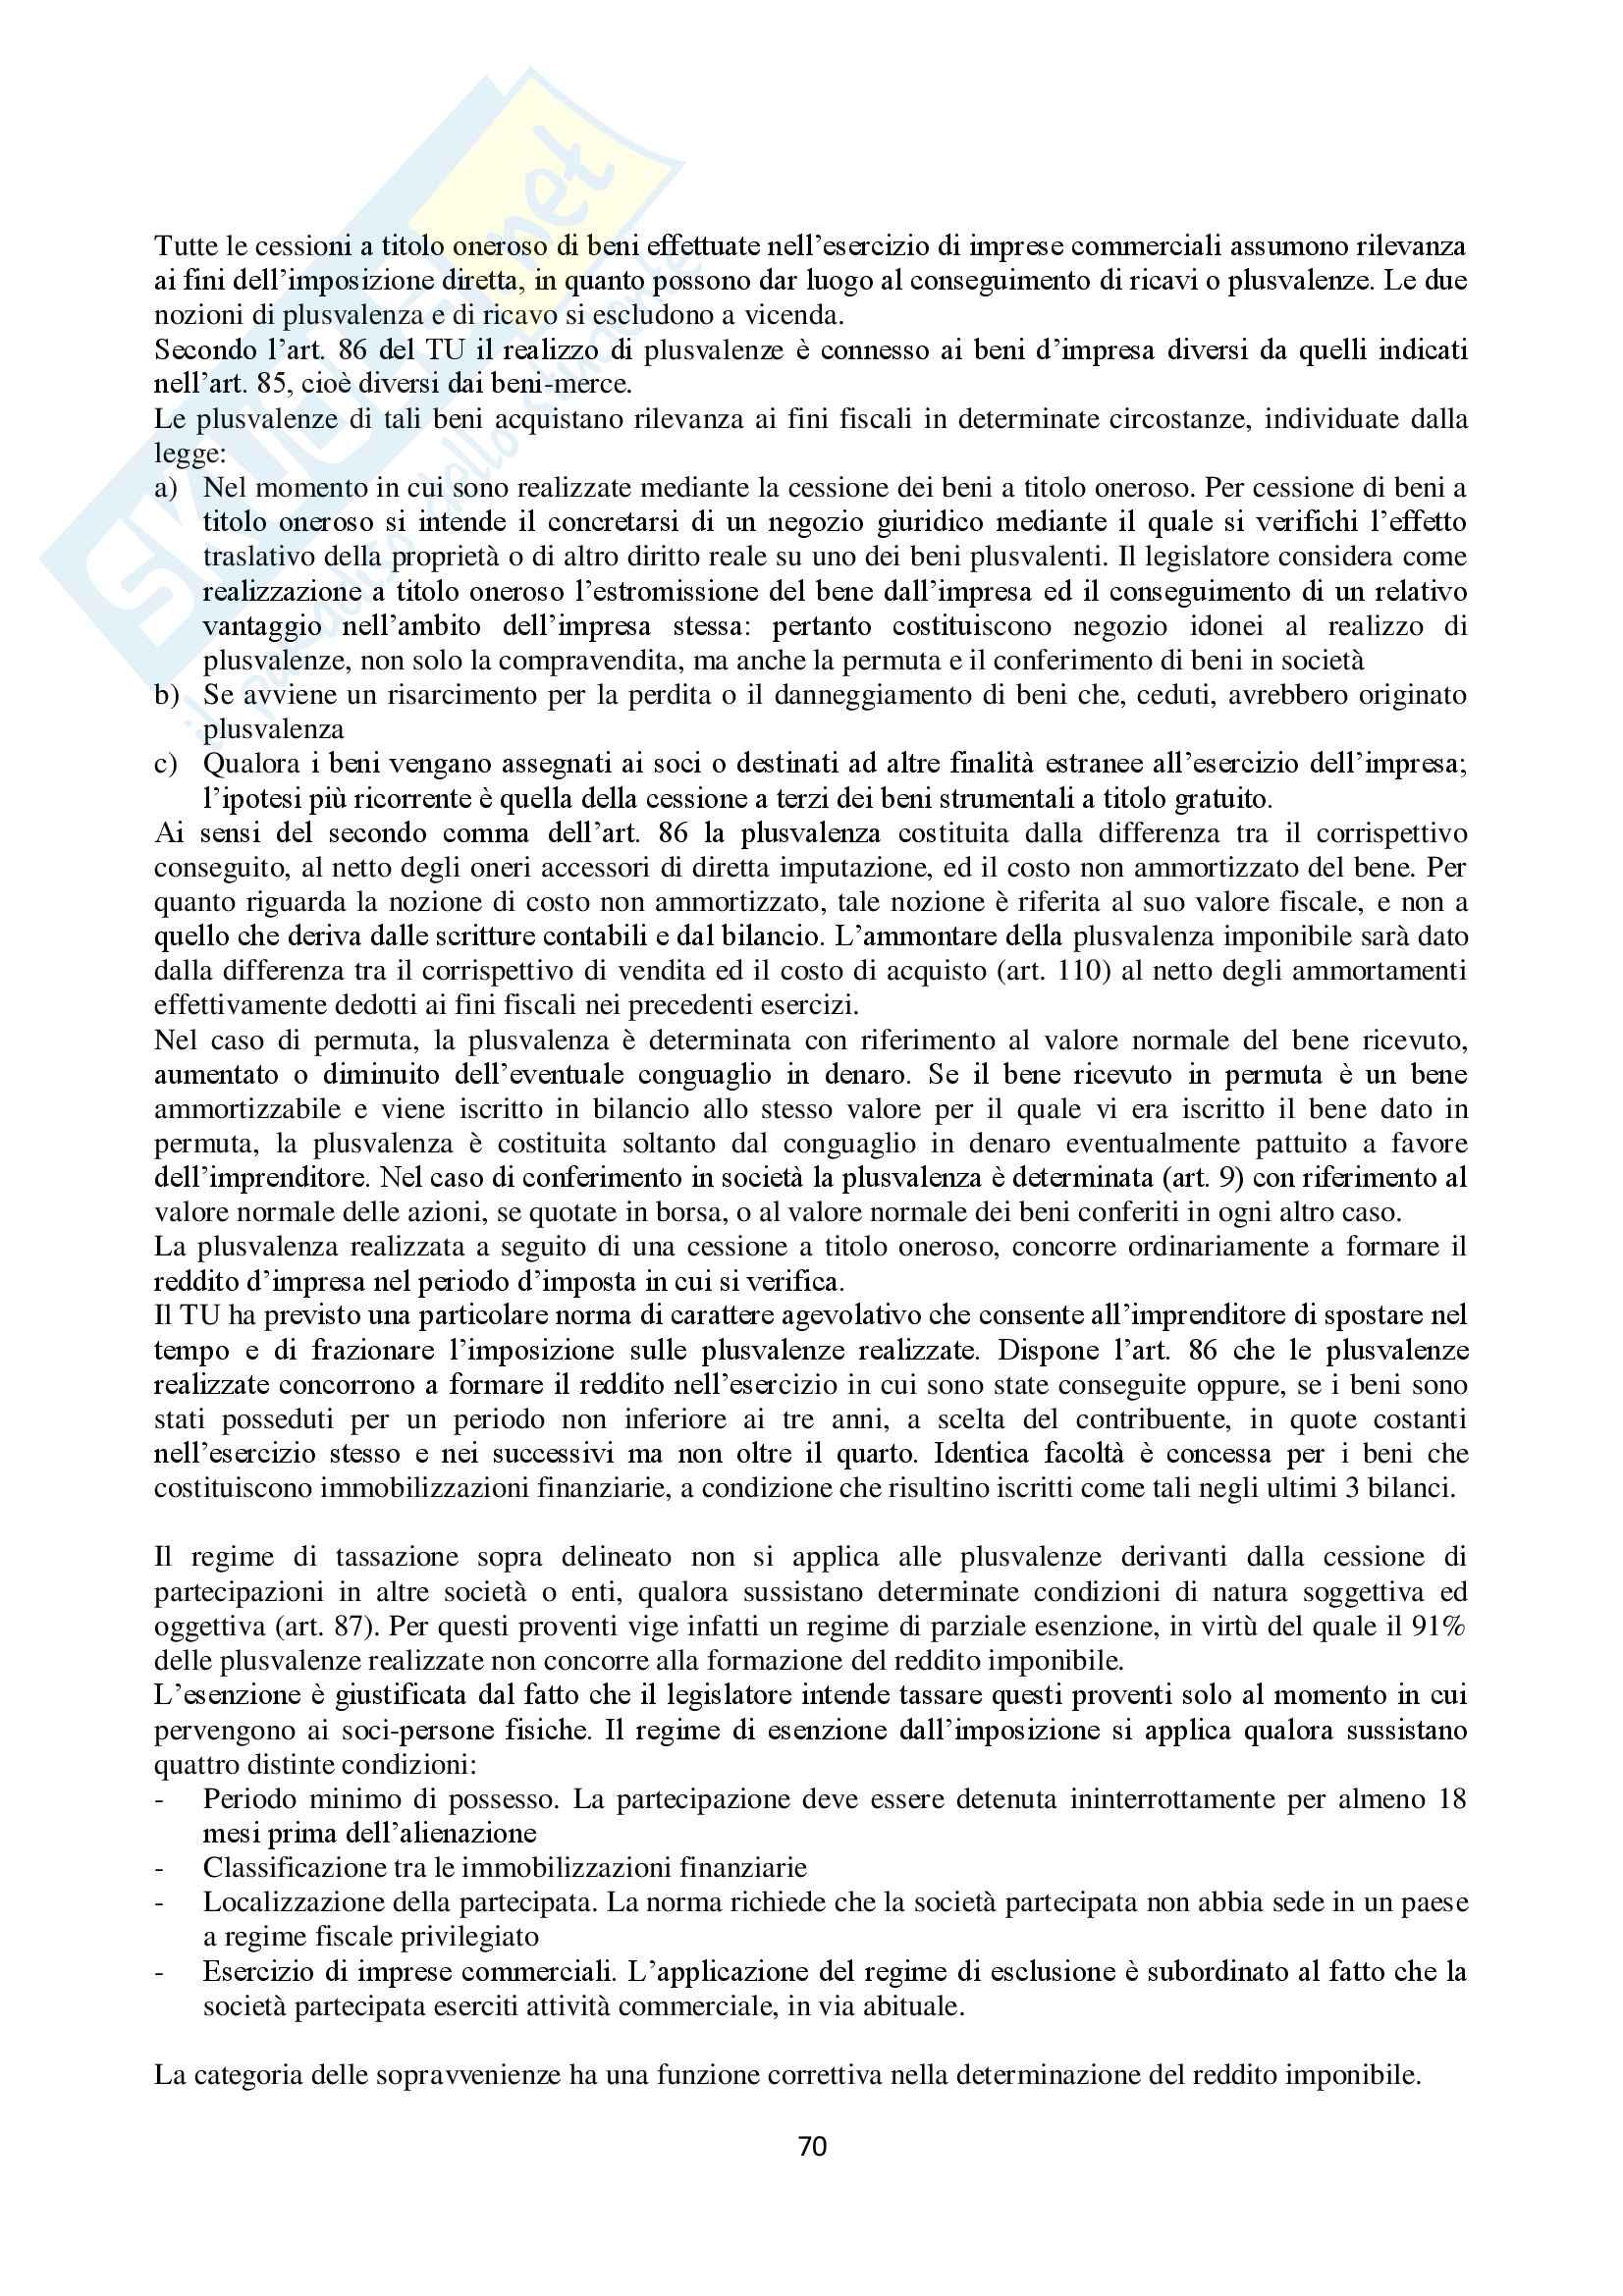 Appunti Diritto Tributario Pag. 71